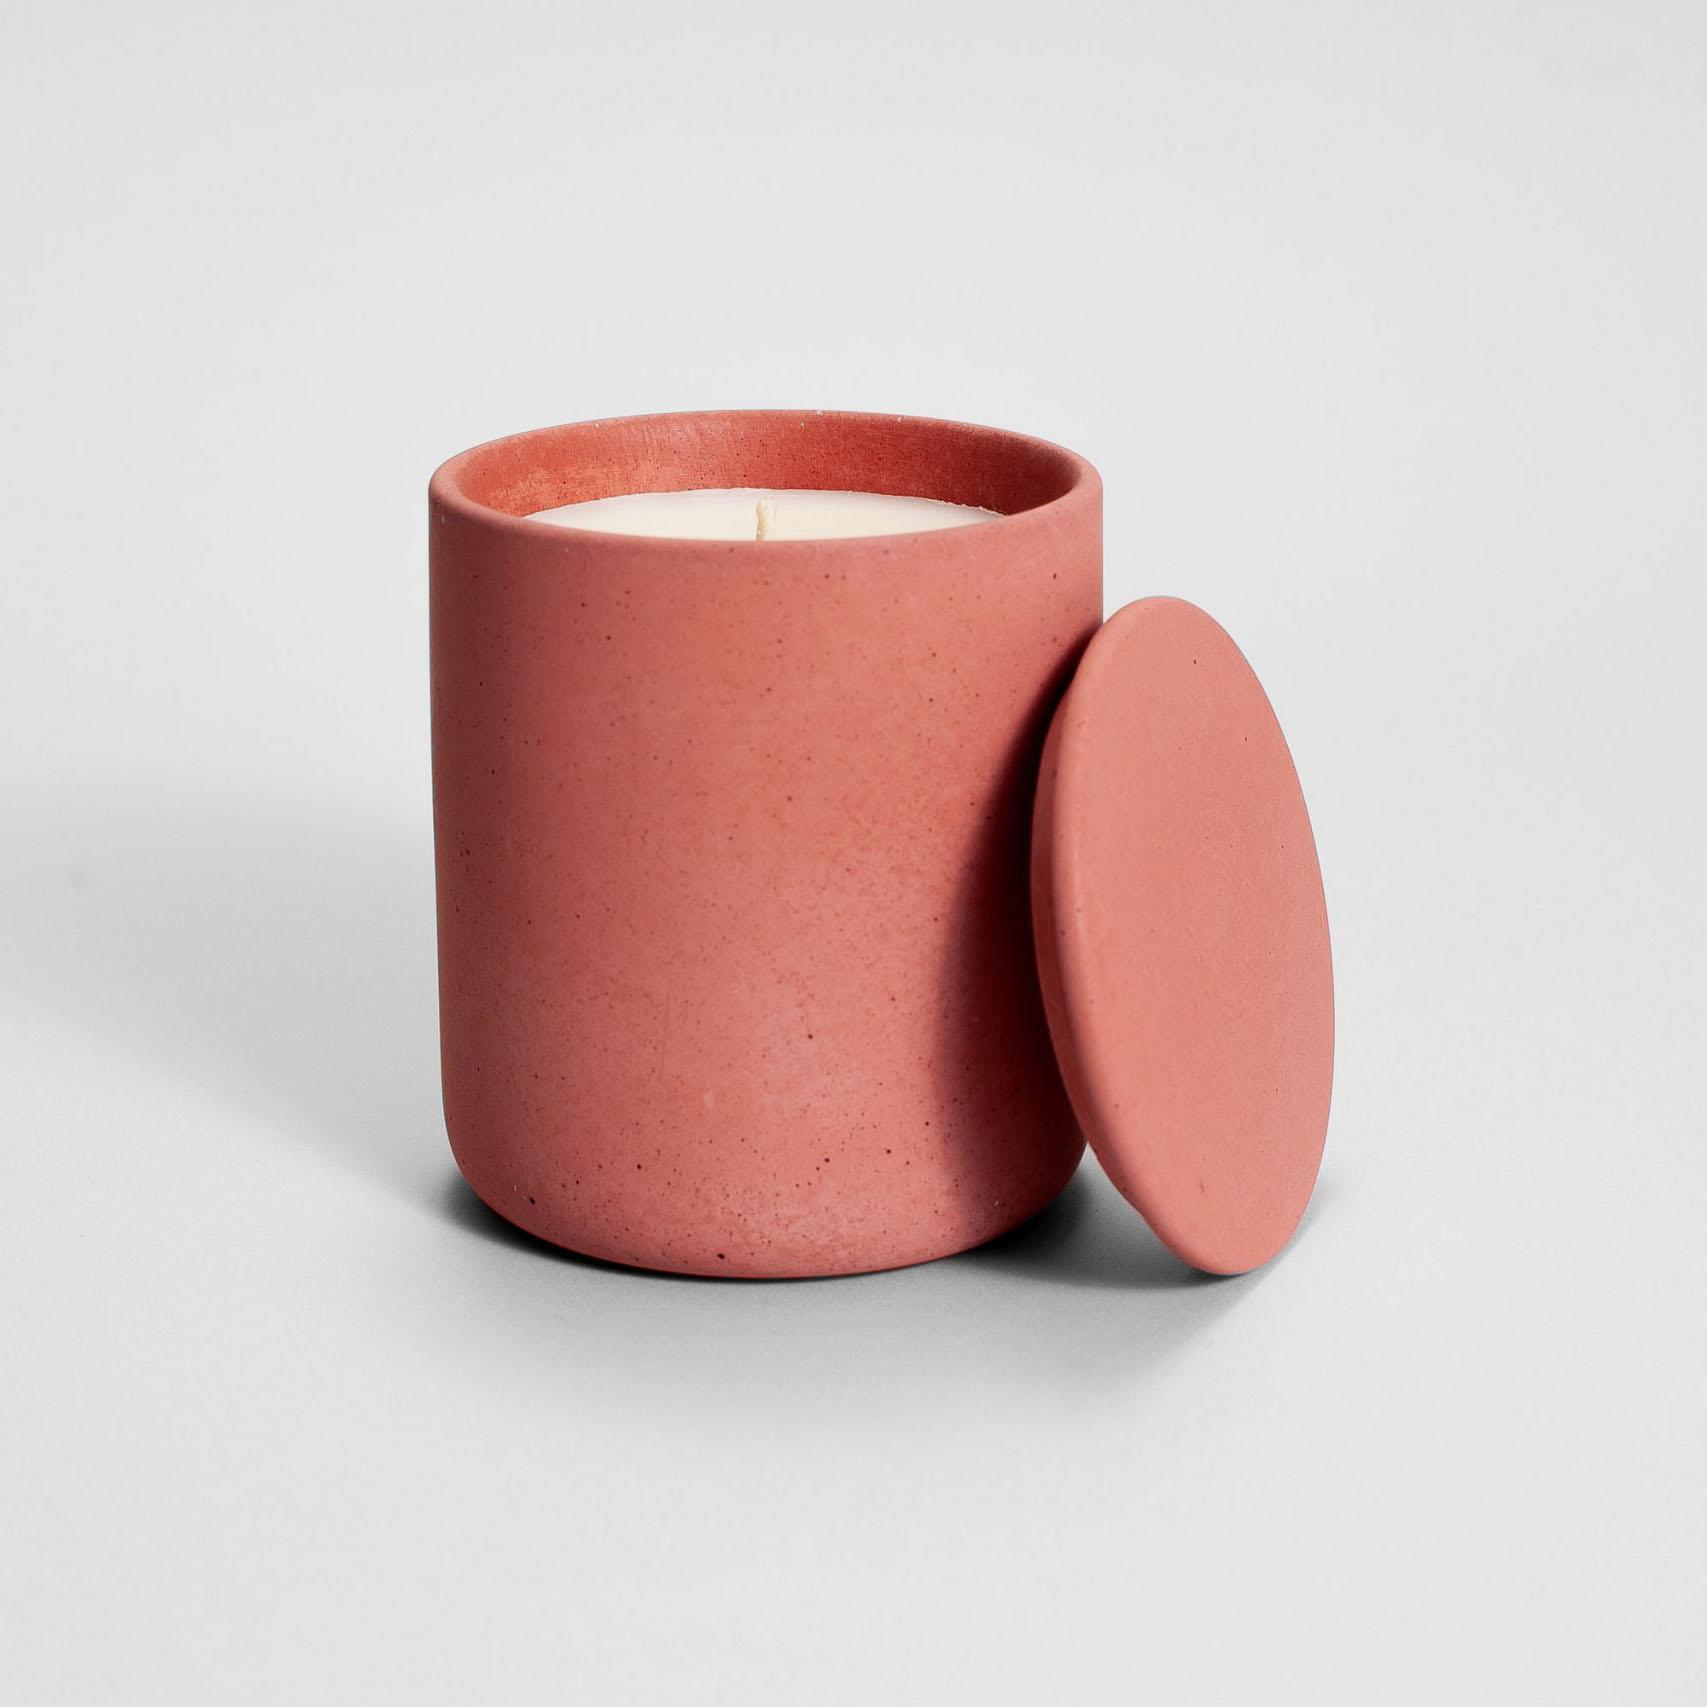 Zdjęcie produktu MEDIO TERRACOTTA CONCRETE - świeczka